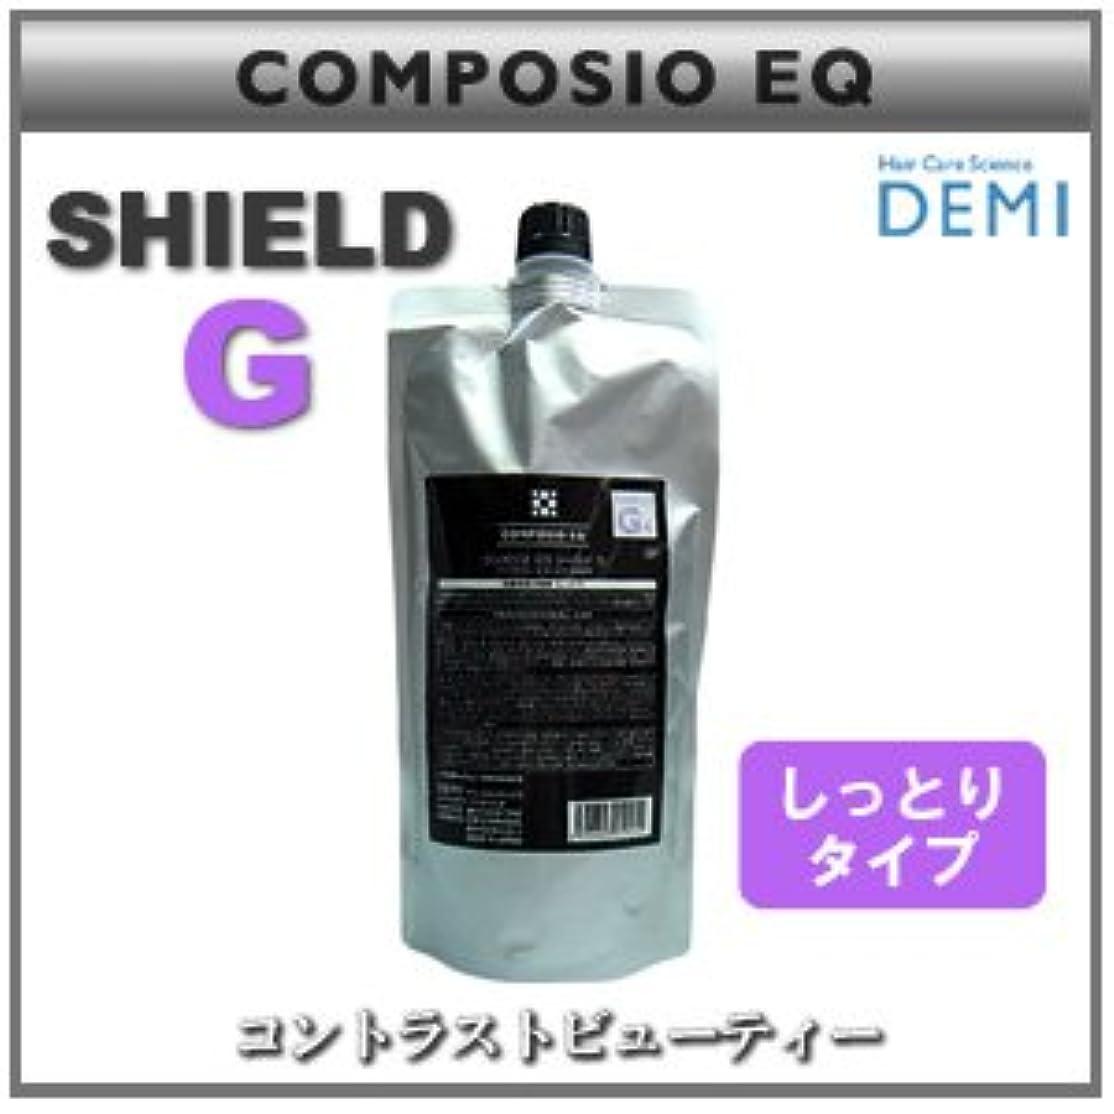 制限する粒防ぐ【X5個セット】 デミ コンポジオ EQ シールド G 450g